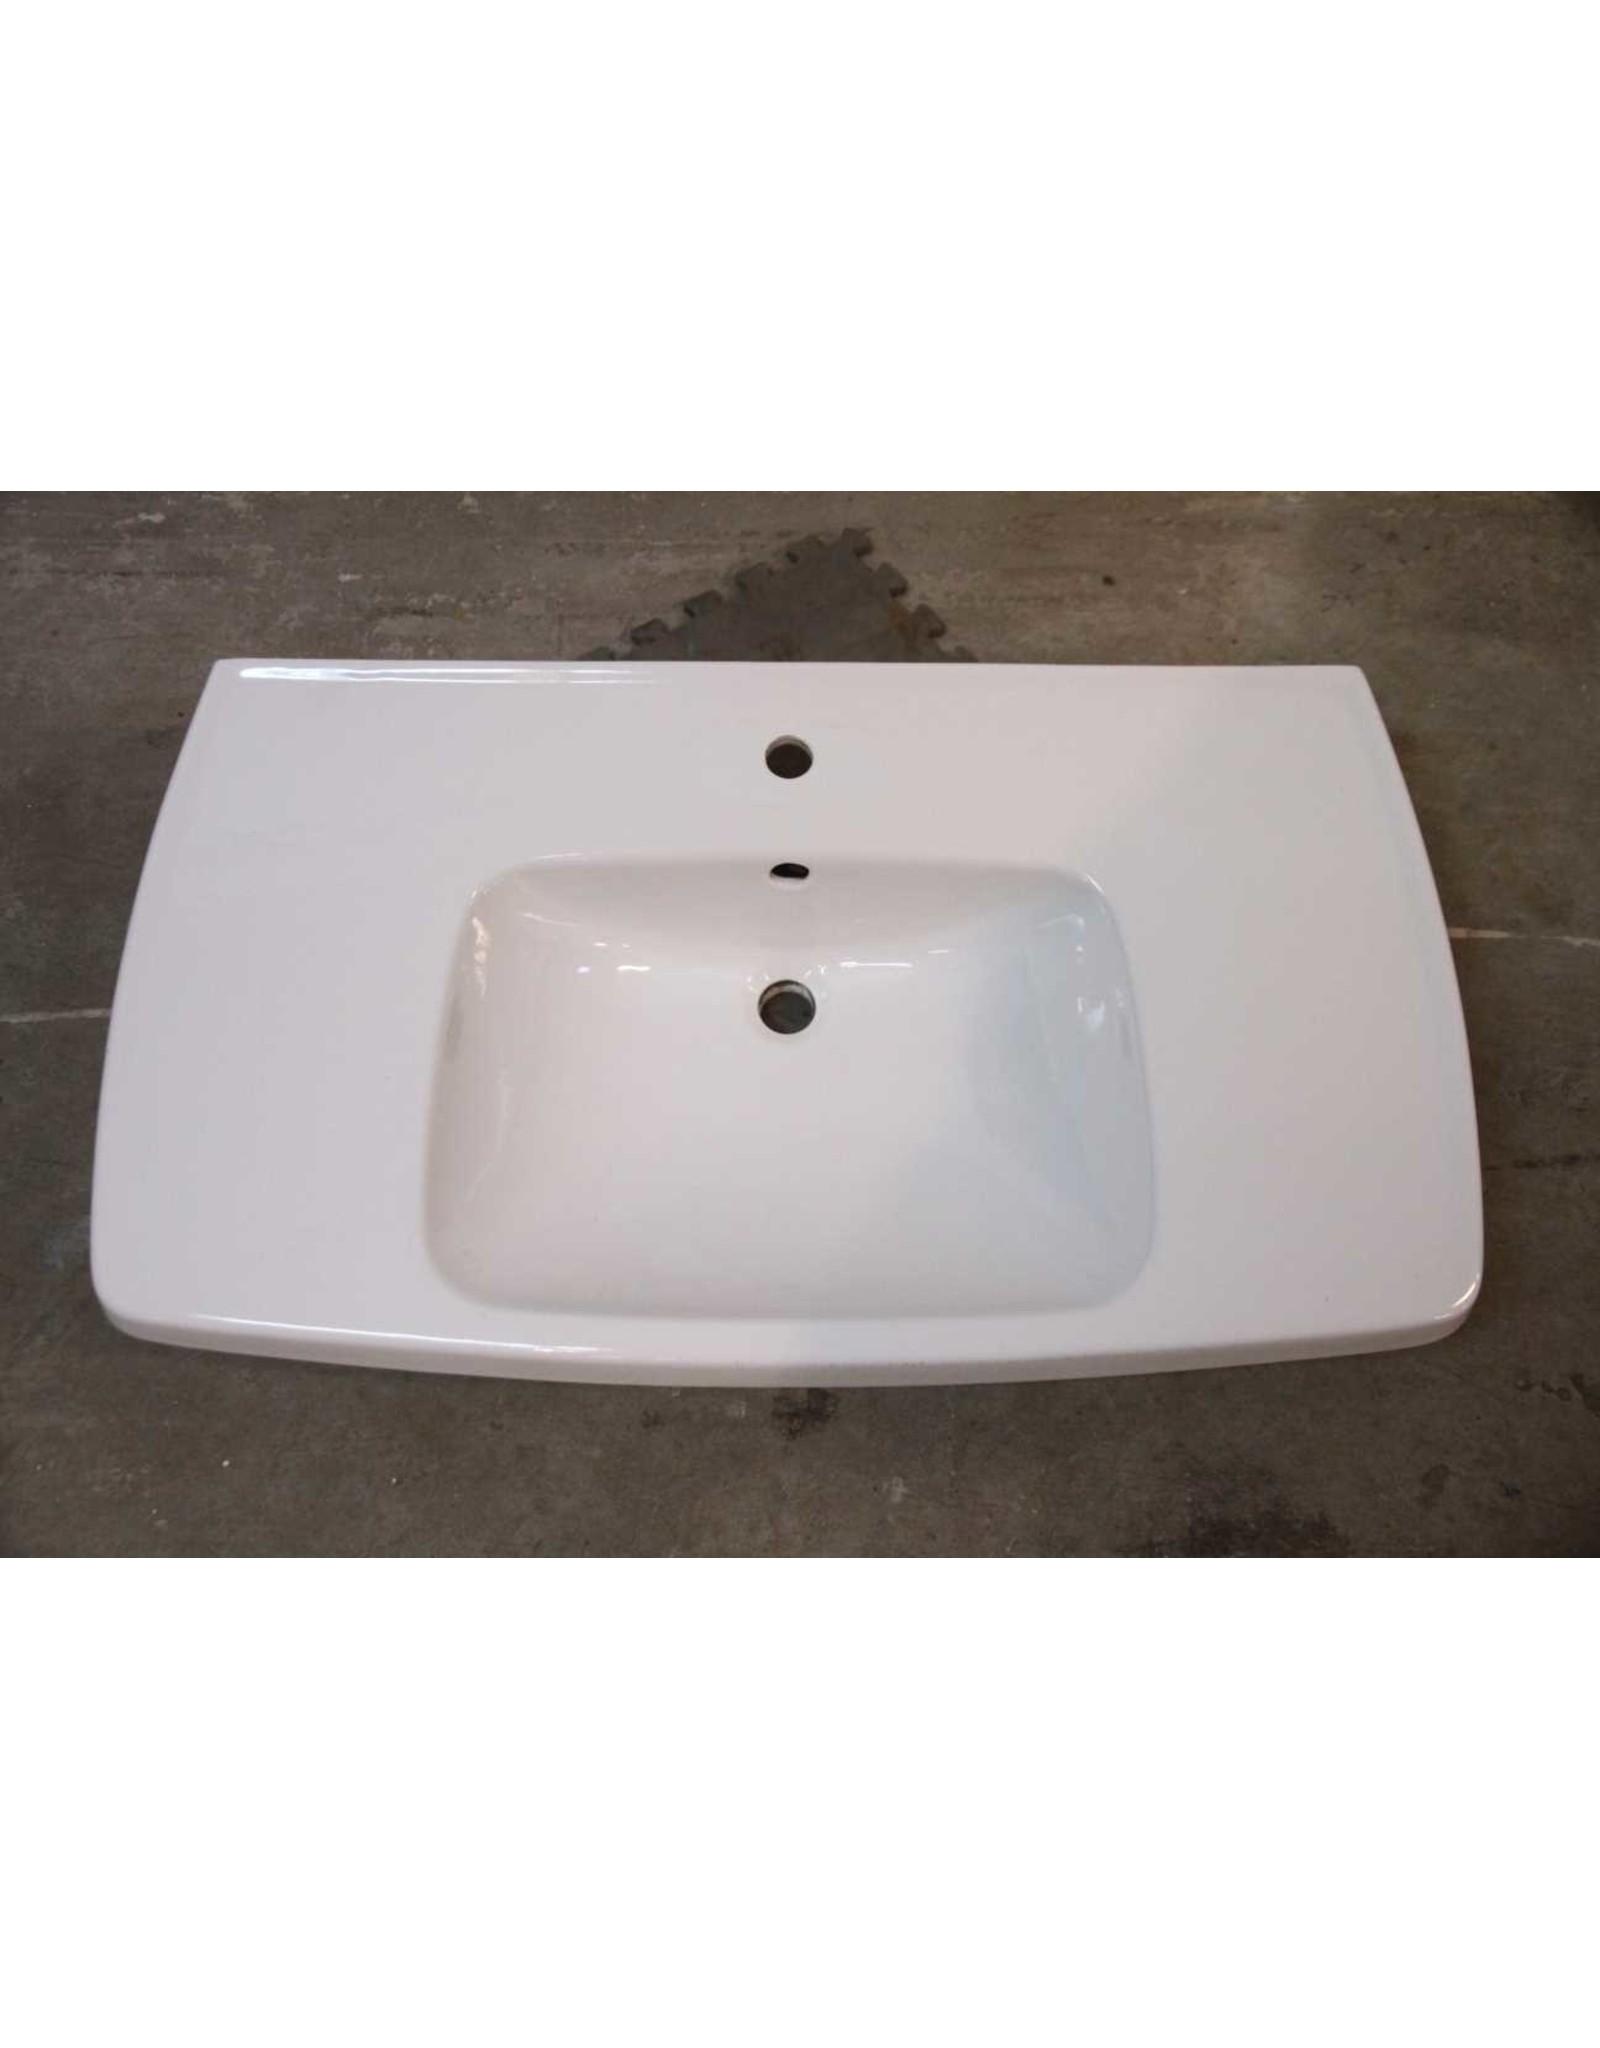 Sink - wide, no pedestal, white, porcelain